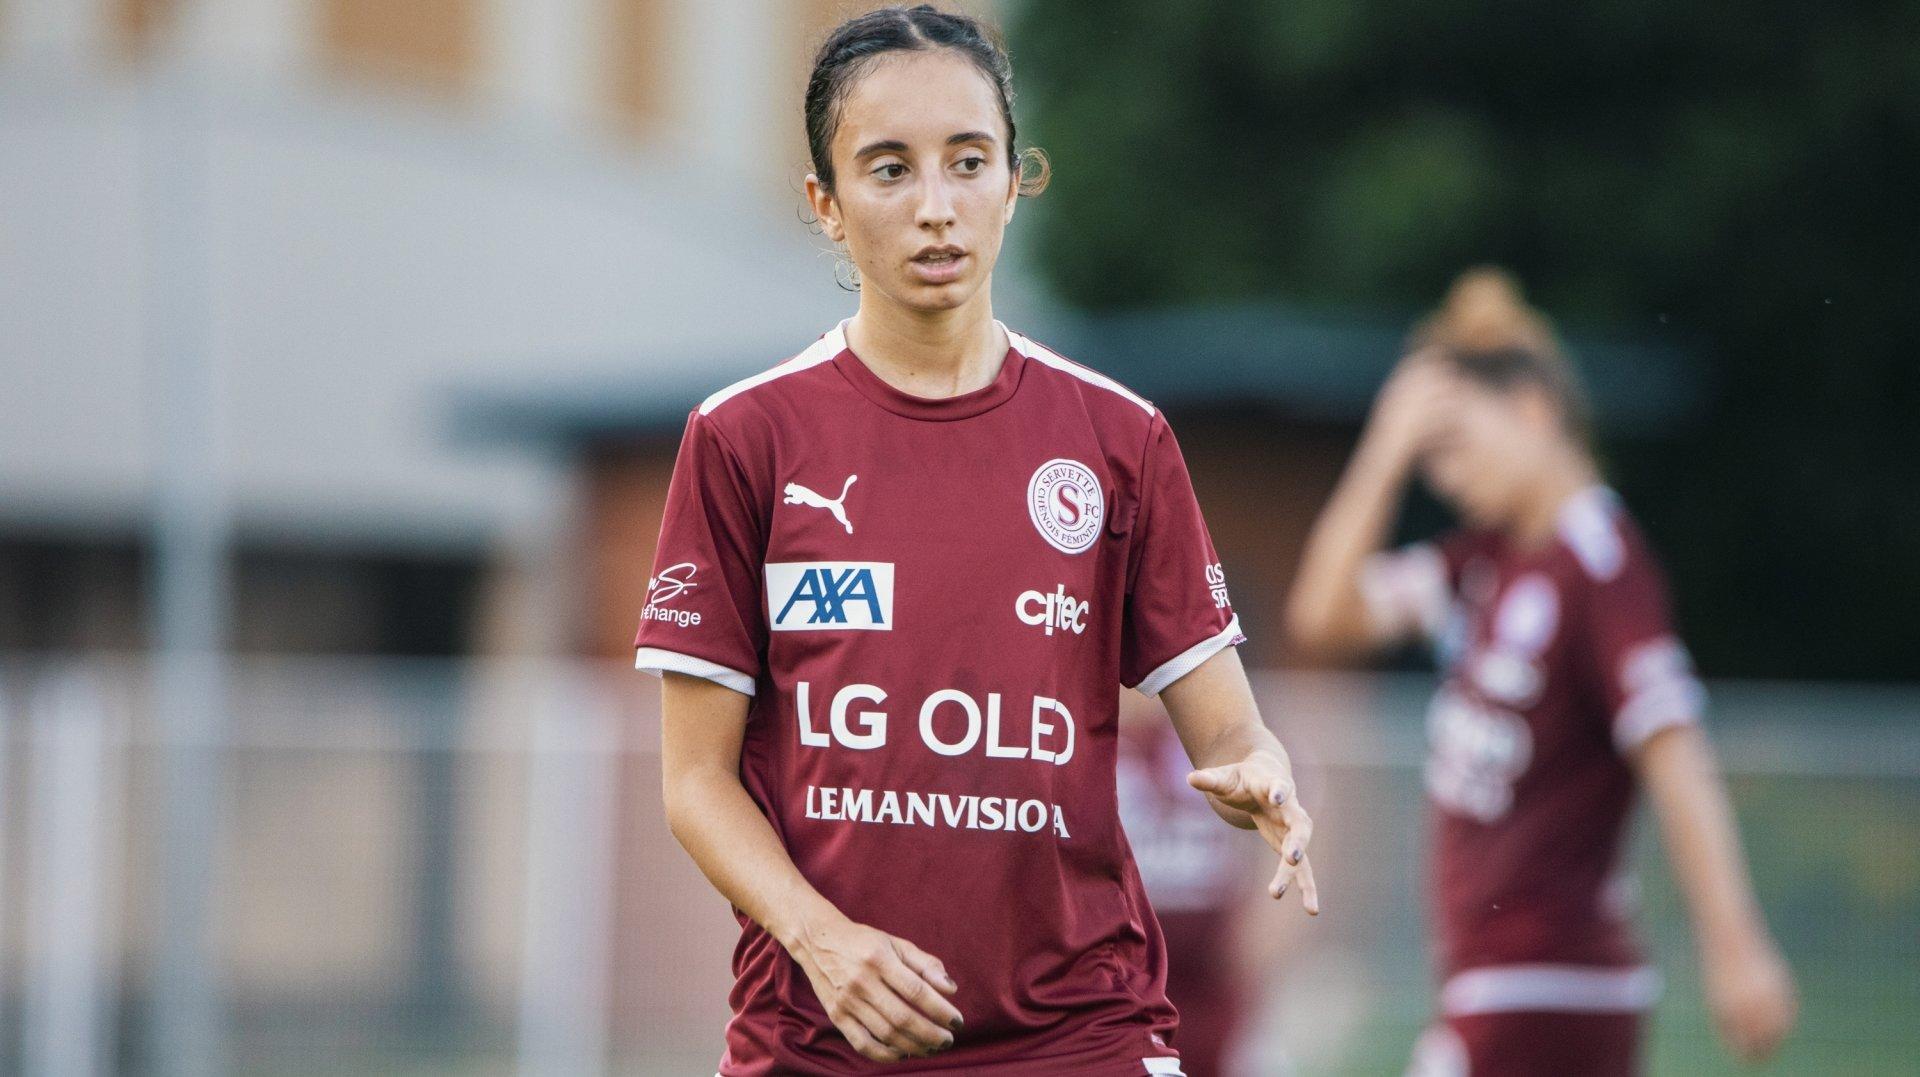 «J'ai réalisé mon rêve», lance Ilona Guede Redondo après son premier match de Ligue des champions